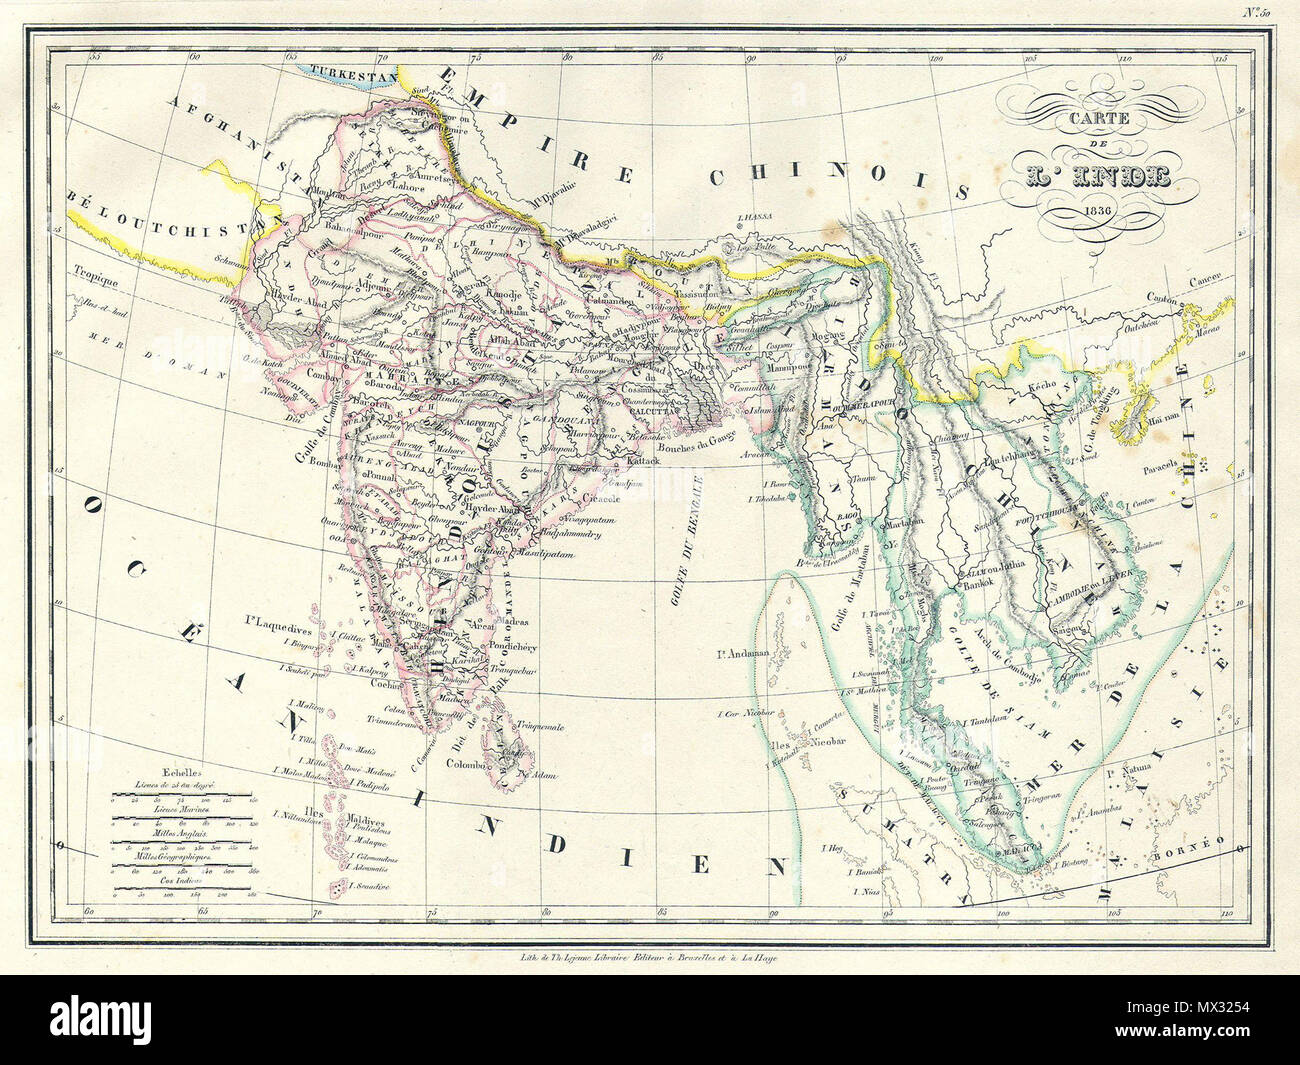 Carte De Linde Du Sud Cochin.Carte De L Inde Anglais Il S Agit D Une Belle